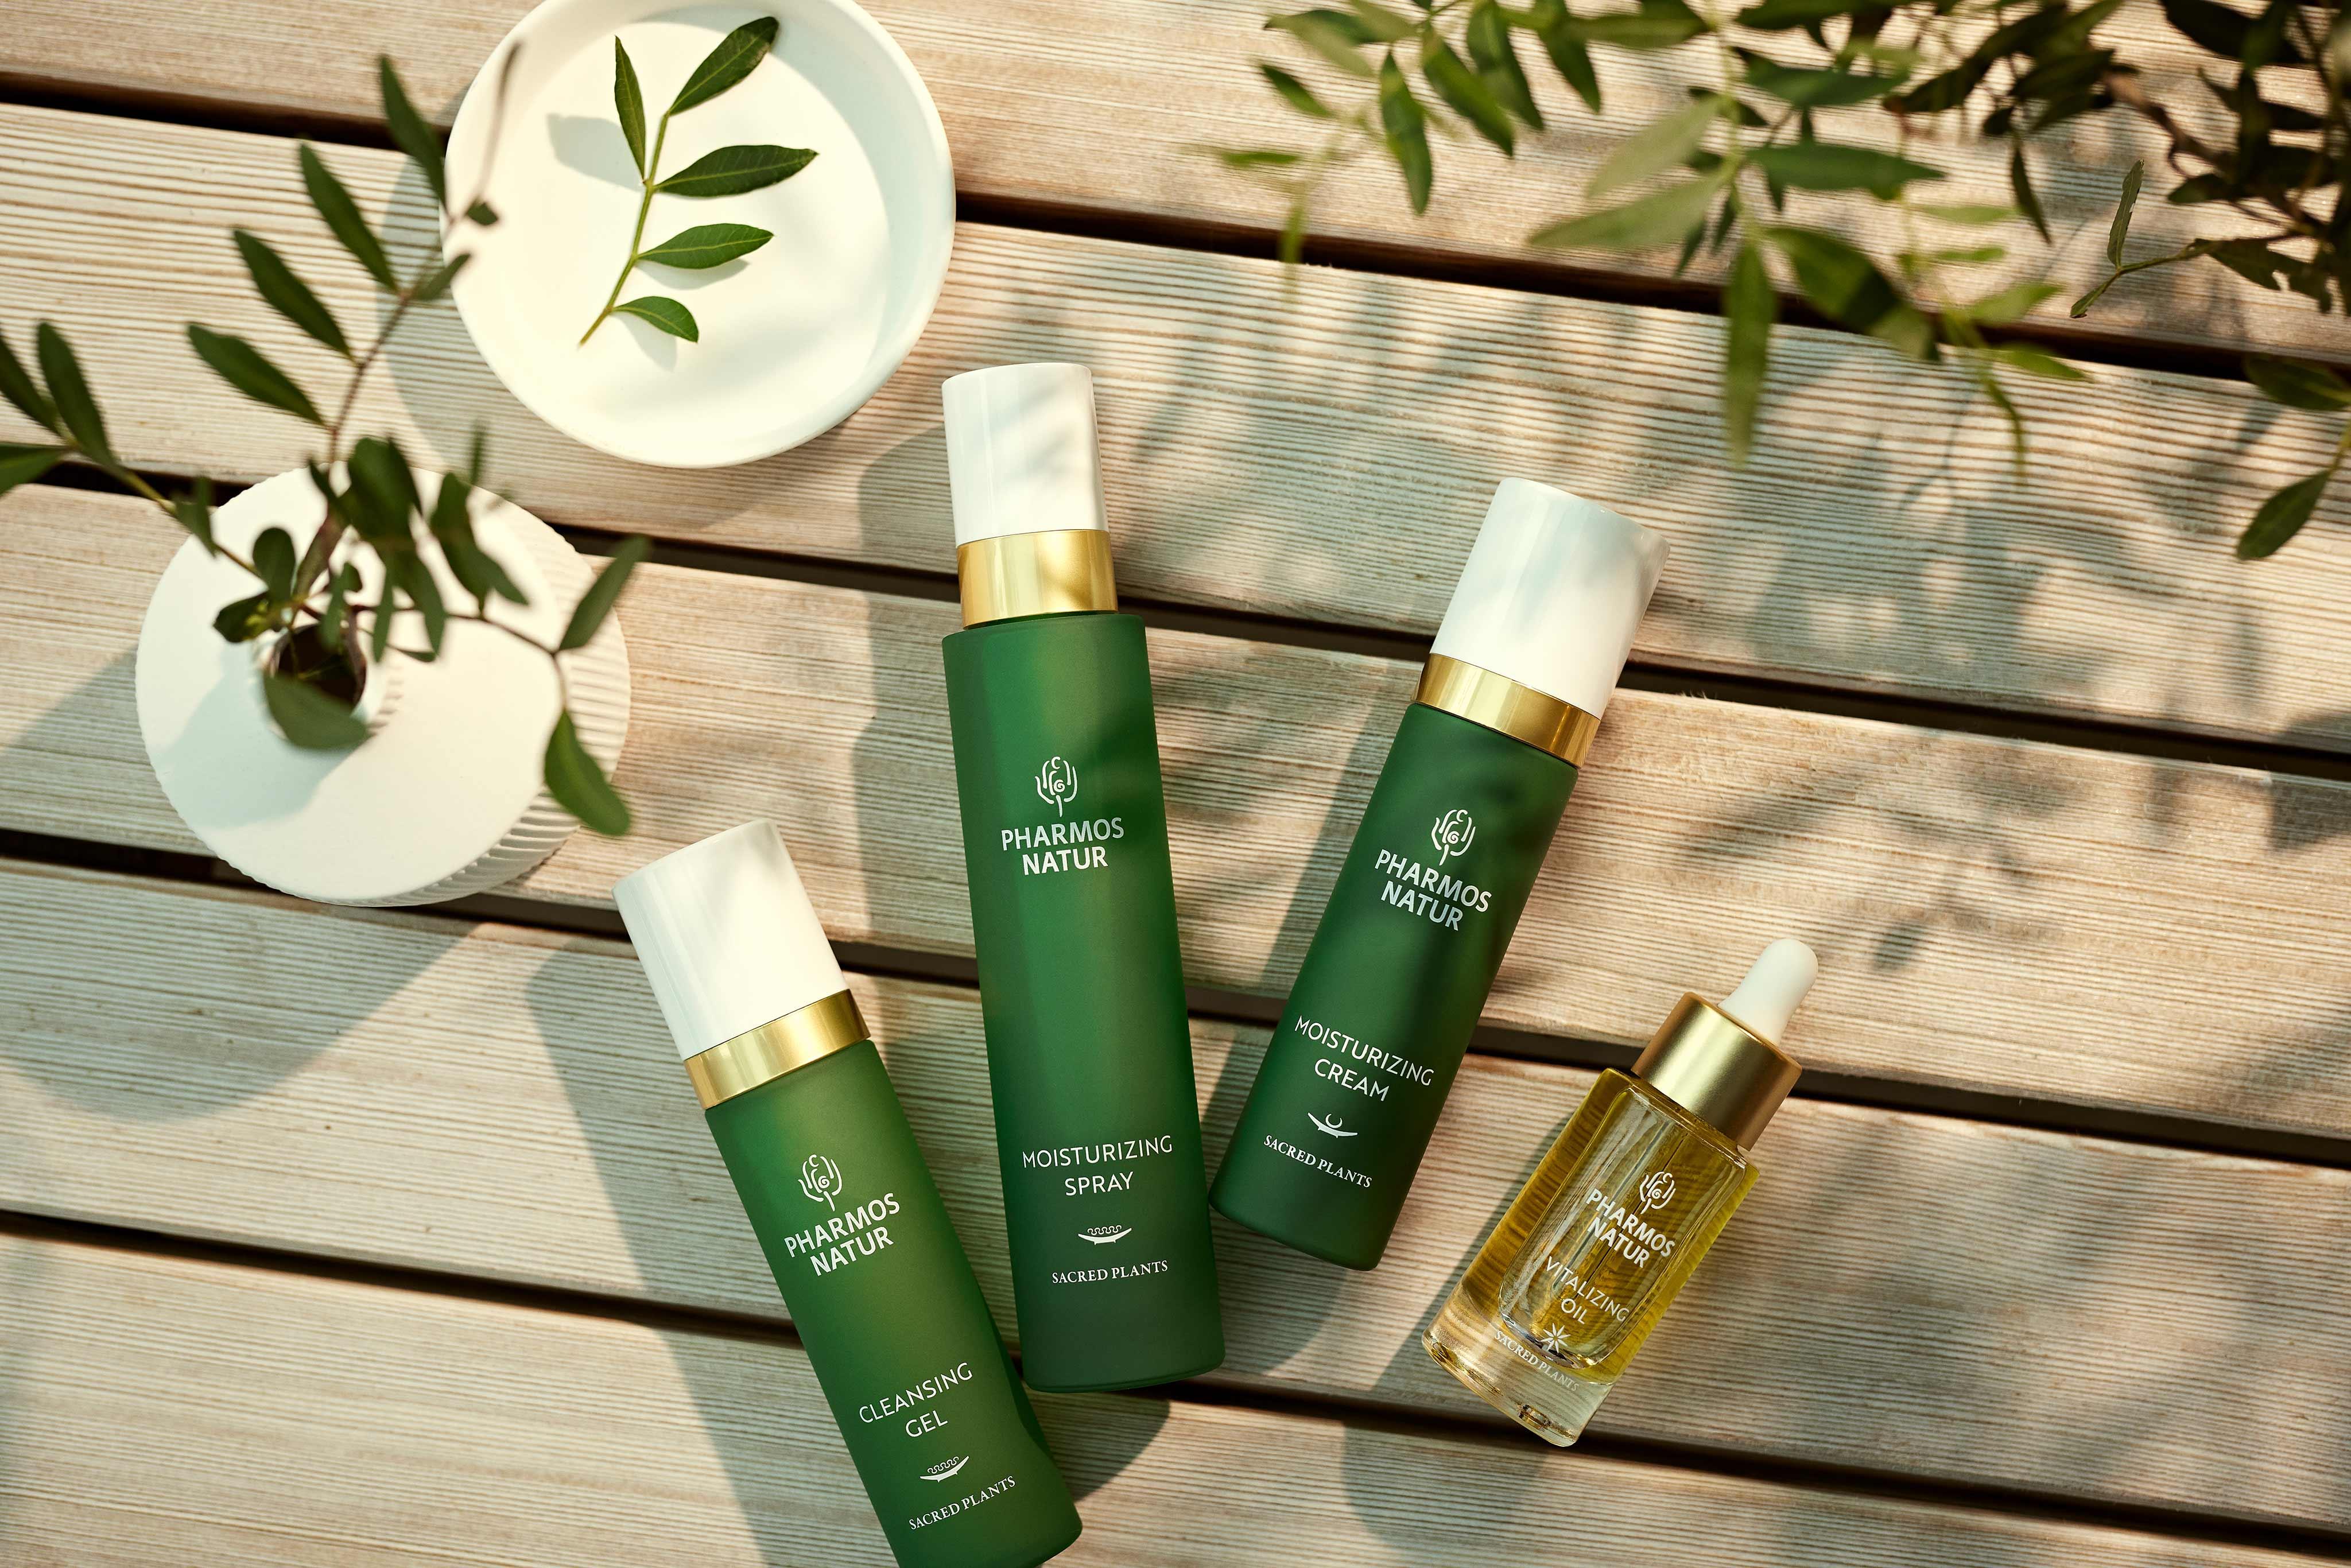 Produkte für normale Haut mit Cleansing Gel, Moisturizing Spray, Moisturizing Cream und Vitalizing Oil